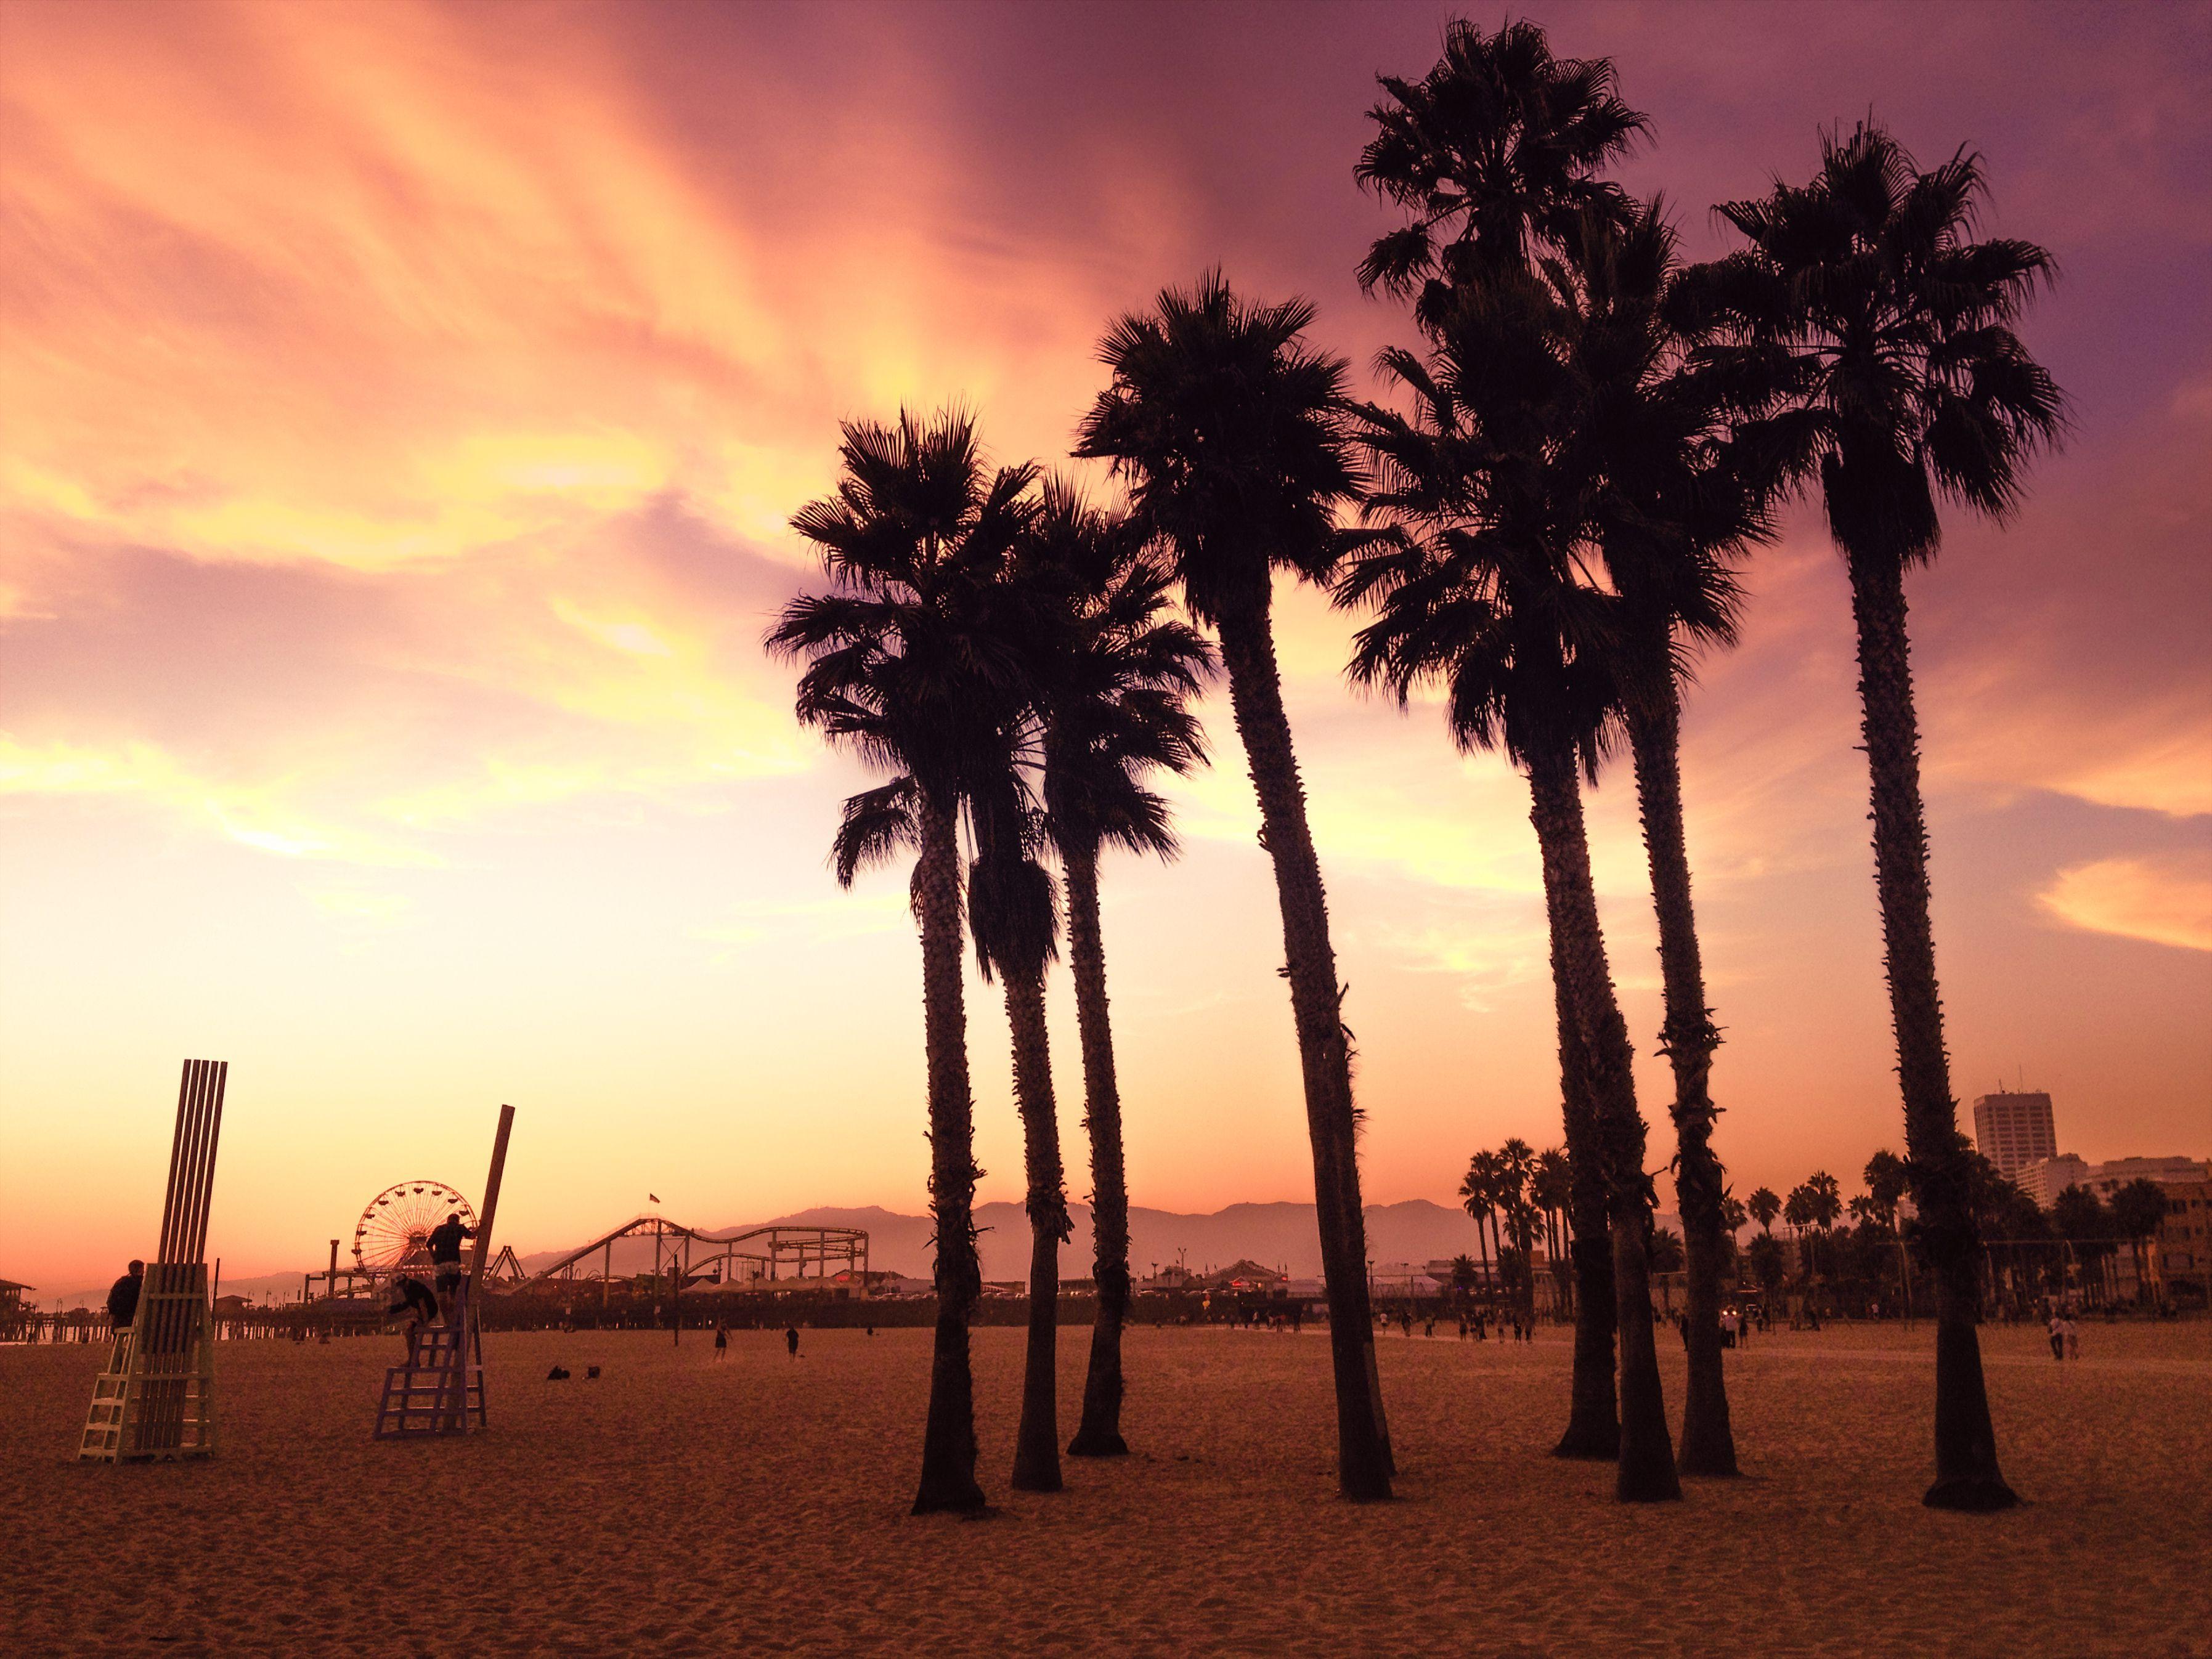 Puesta de sol en la playa de Santa Mónica con palmeras